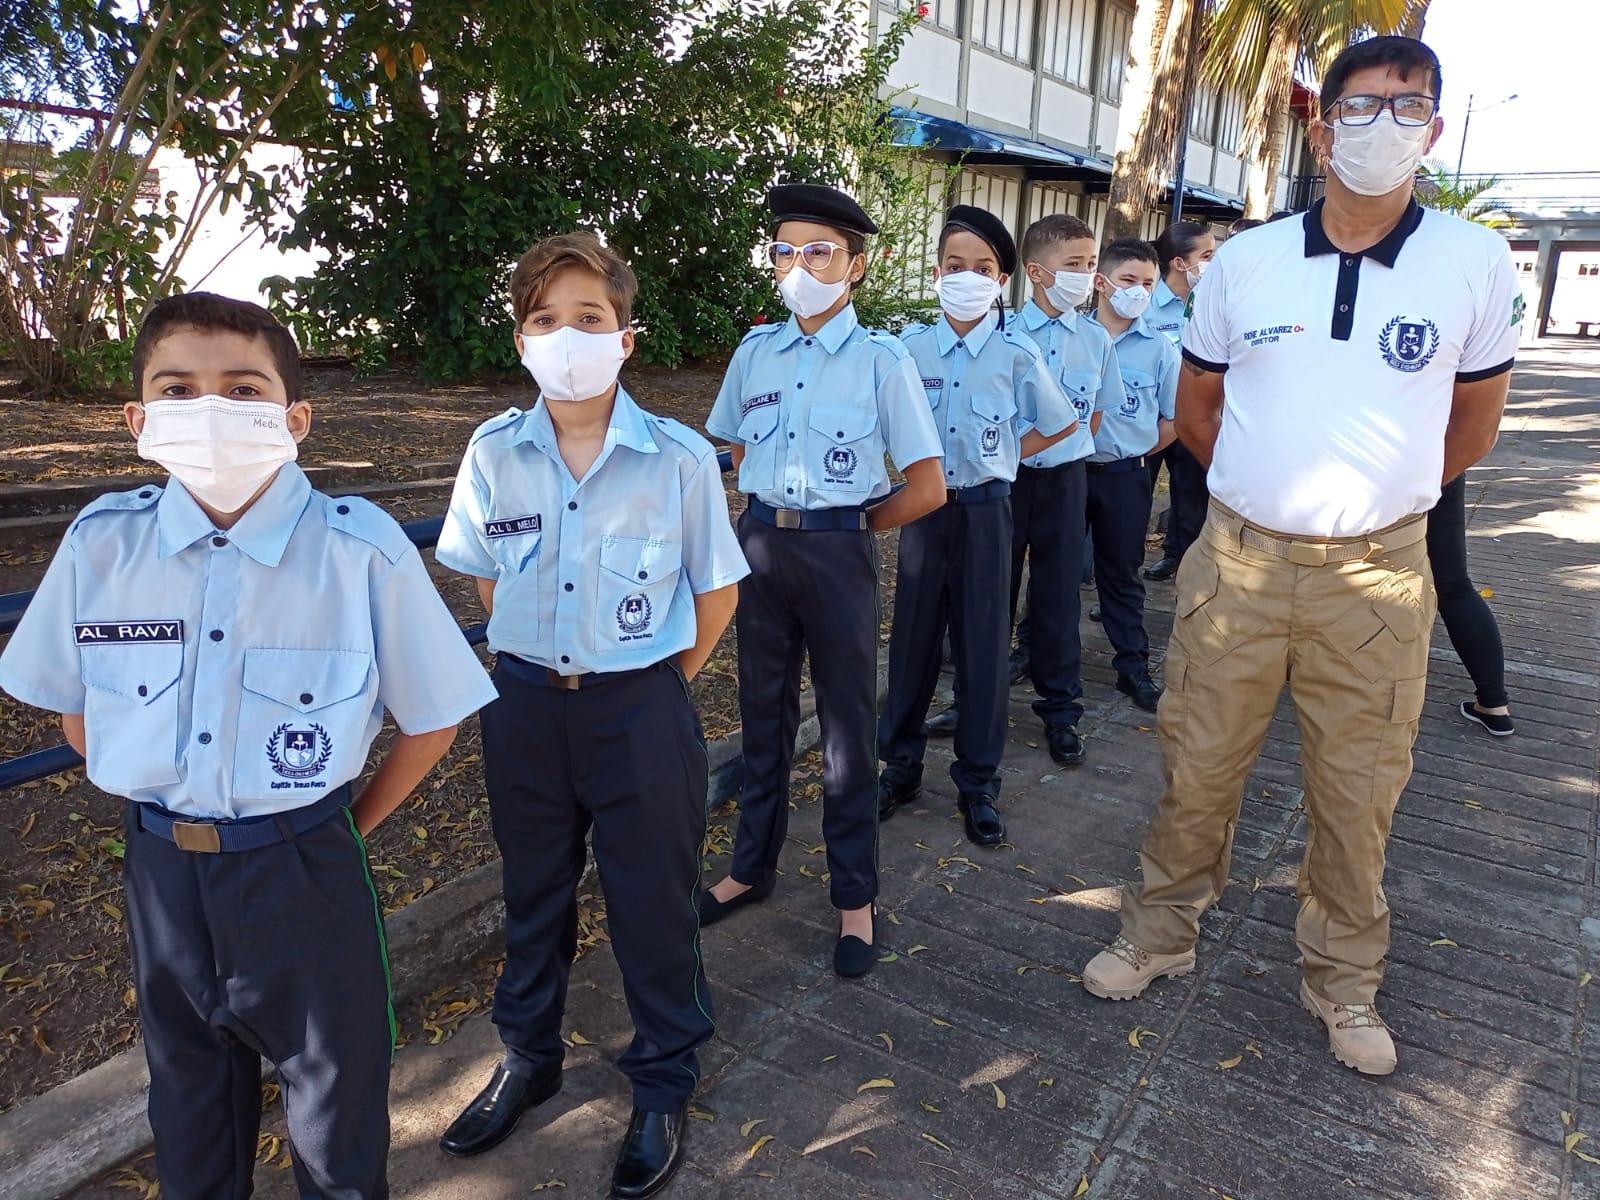 Santa Rita retorna aulas em modo híbrido e tem abertura da Escola Cívico-Militar